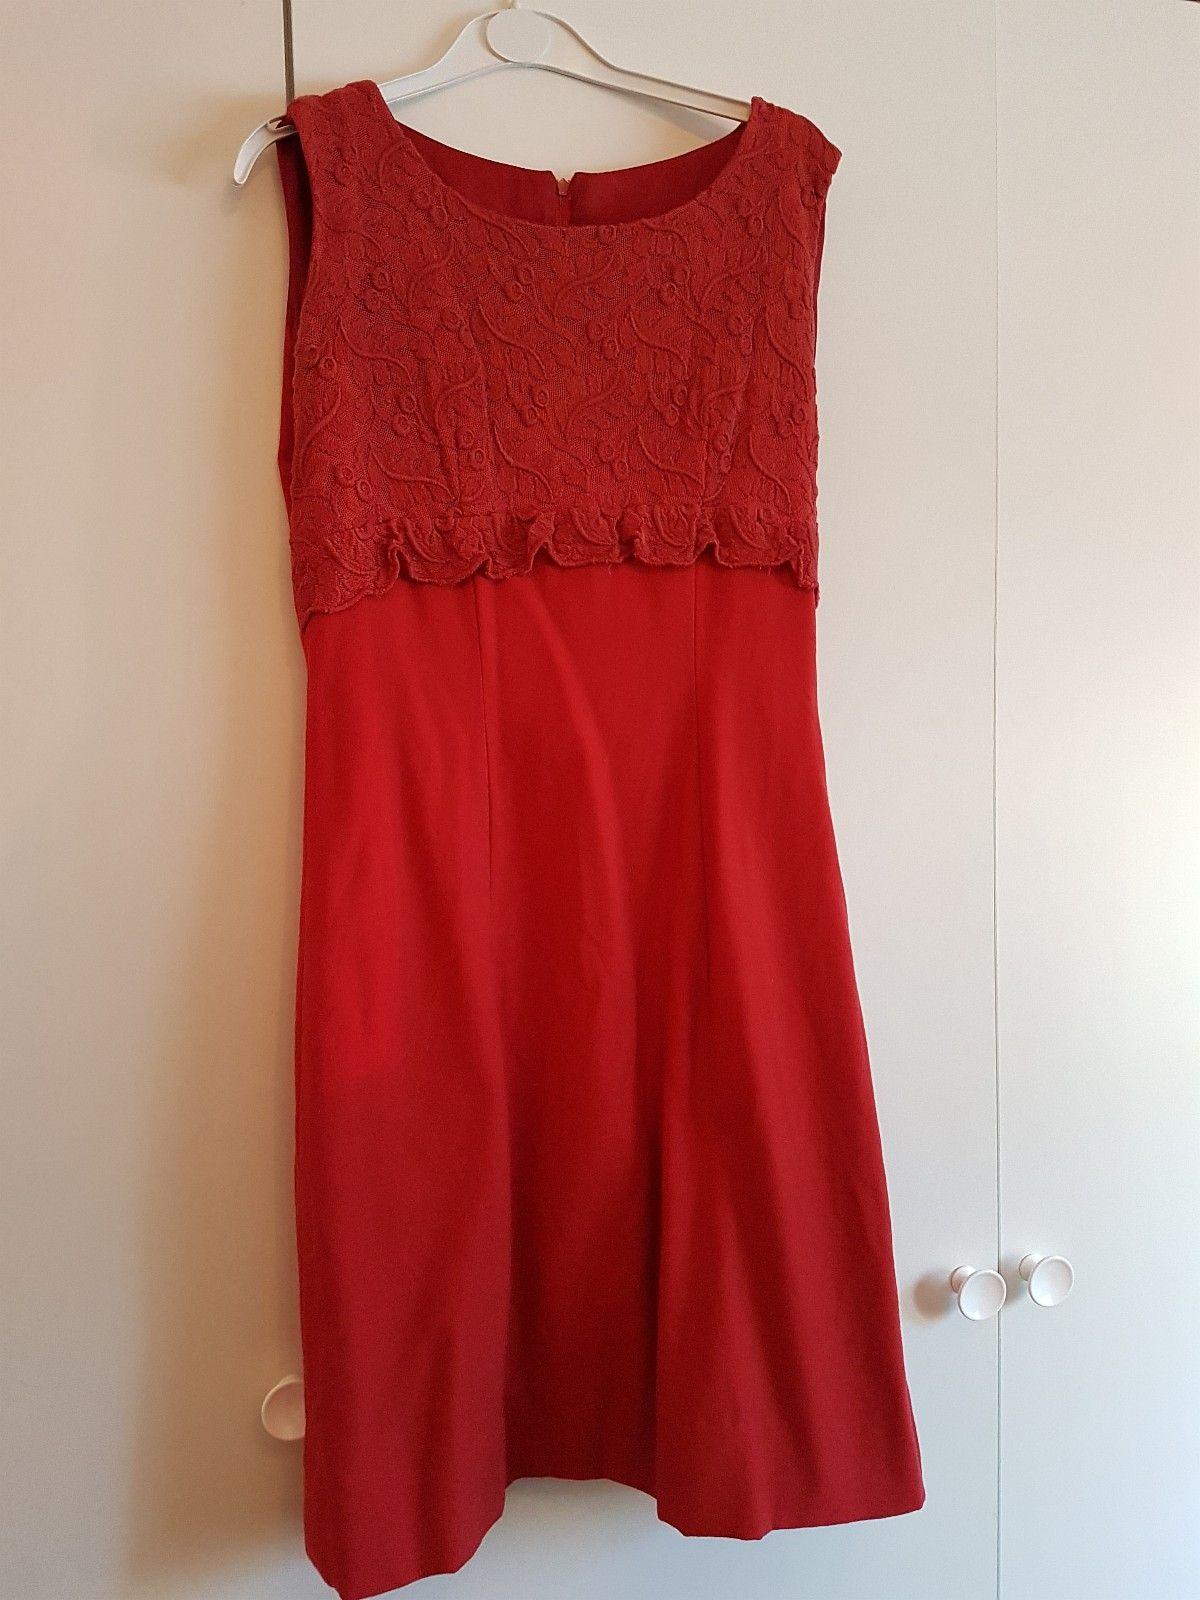 Klassisk enkel kjole i sort speilfløyel. Selskapskjole   FINN.no